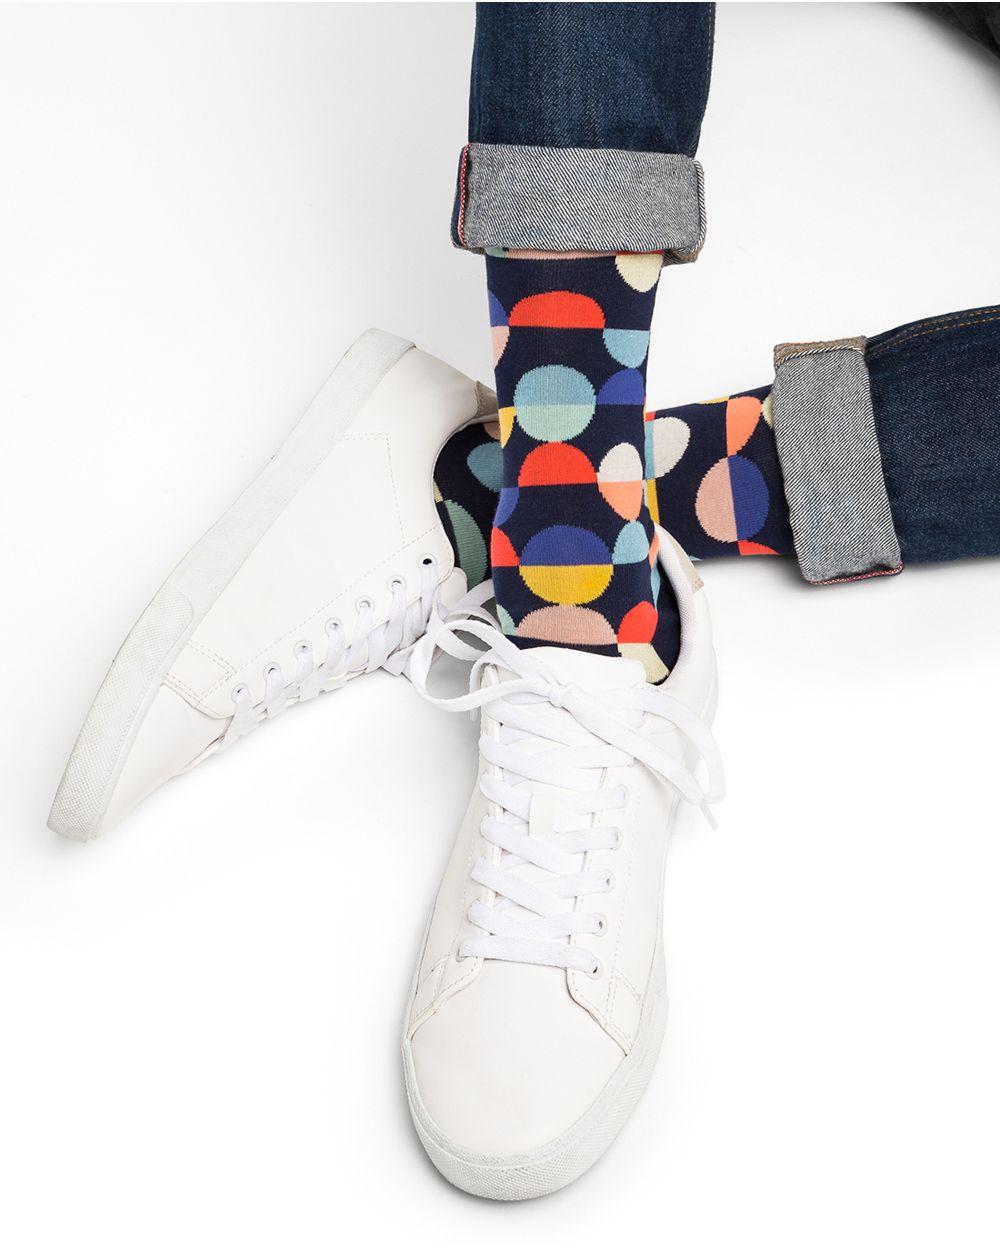 Chaussettes Coton Motif Pois Géométriques